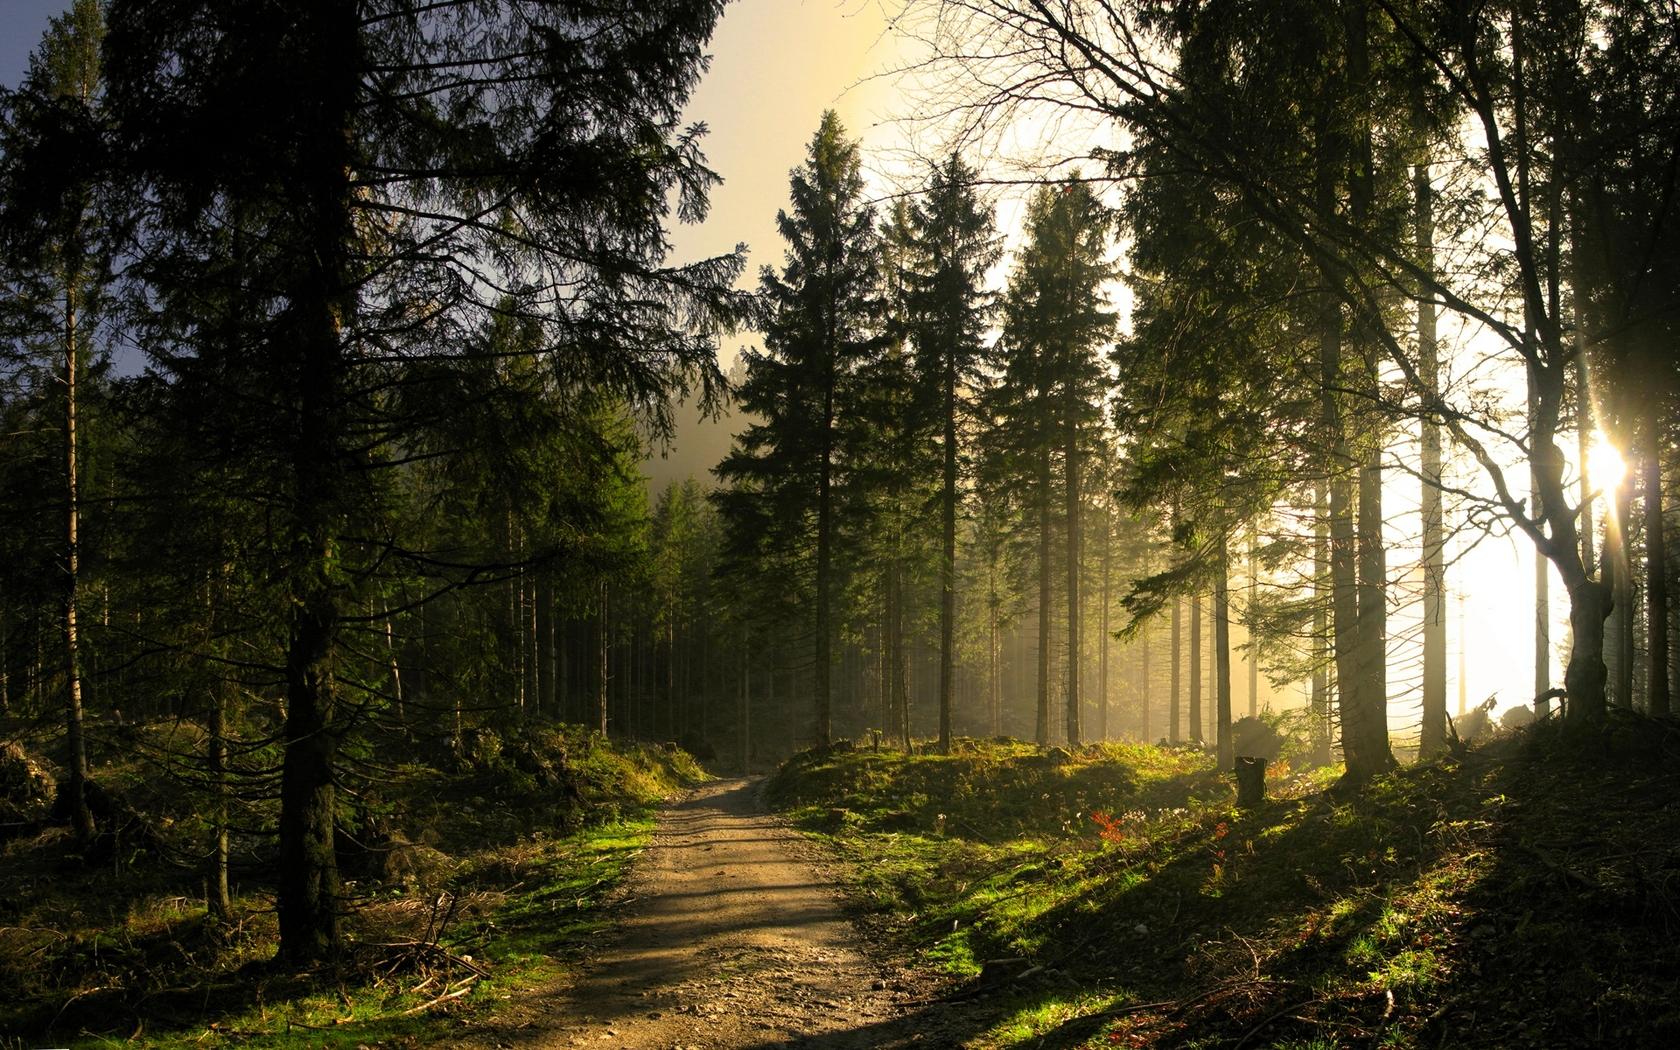 SUN LIGHT AT PINE FOREST Wallpaper